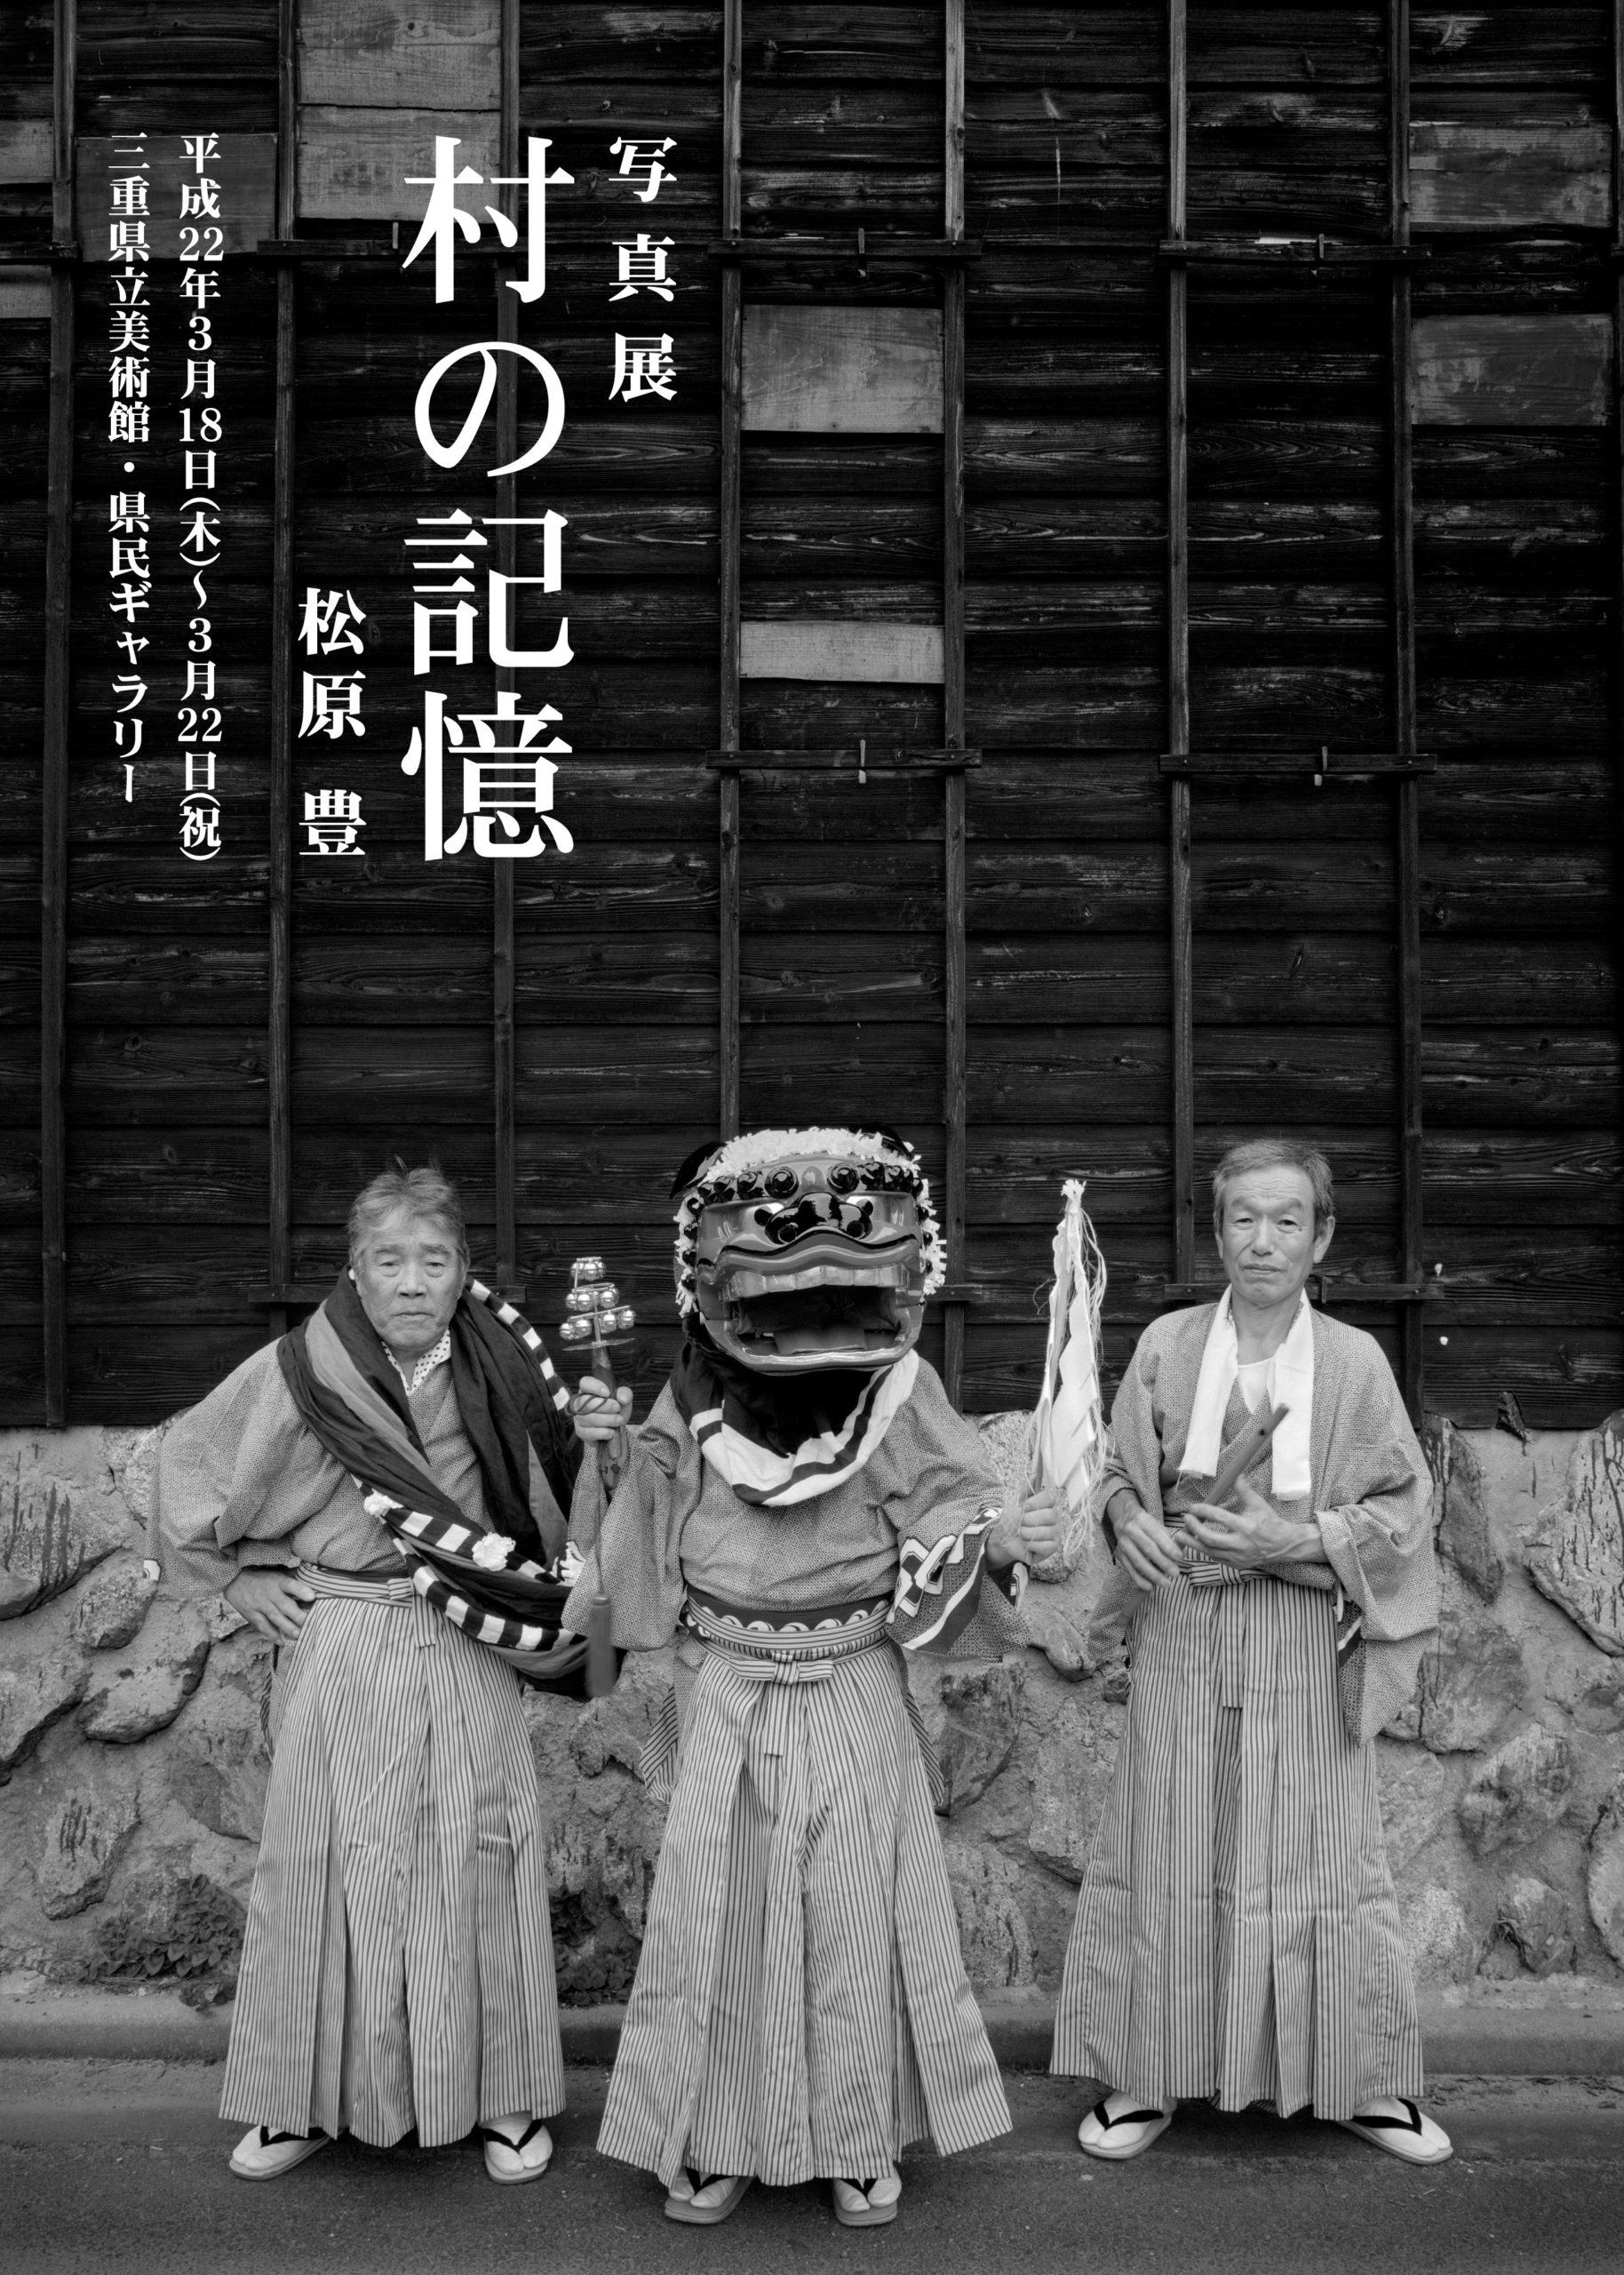 20100318松原豊写真展村の記憶/三重県立美術館県民ギャラリー広報チラシ